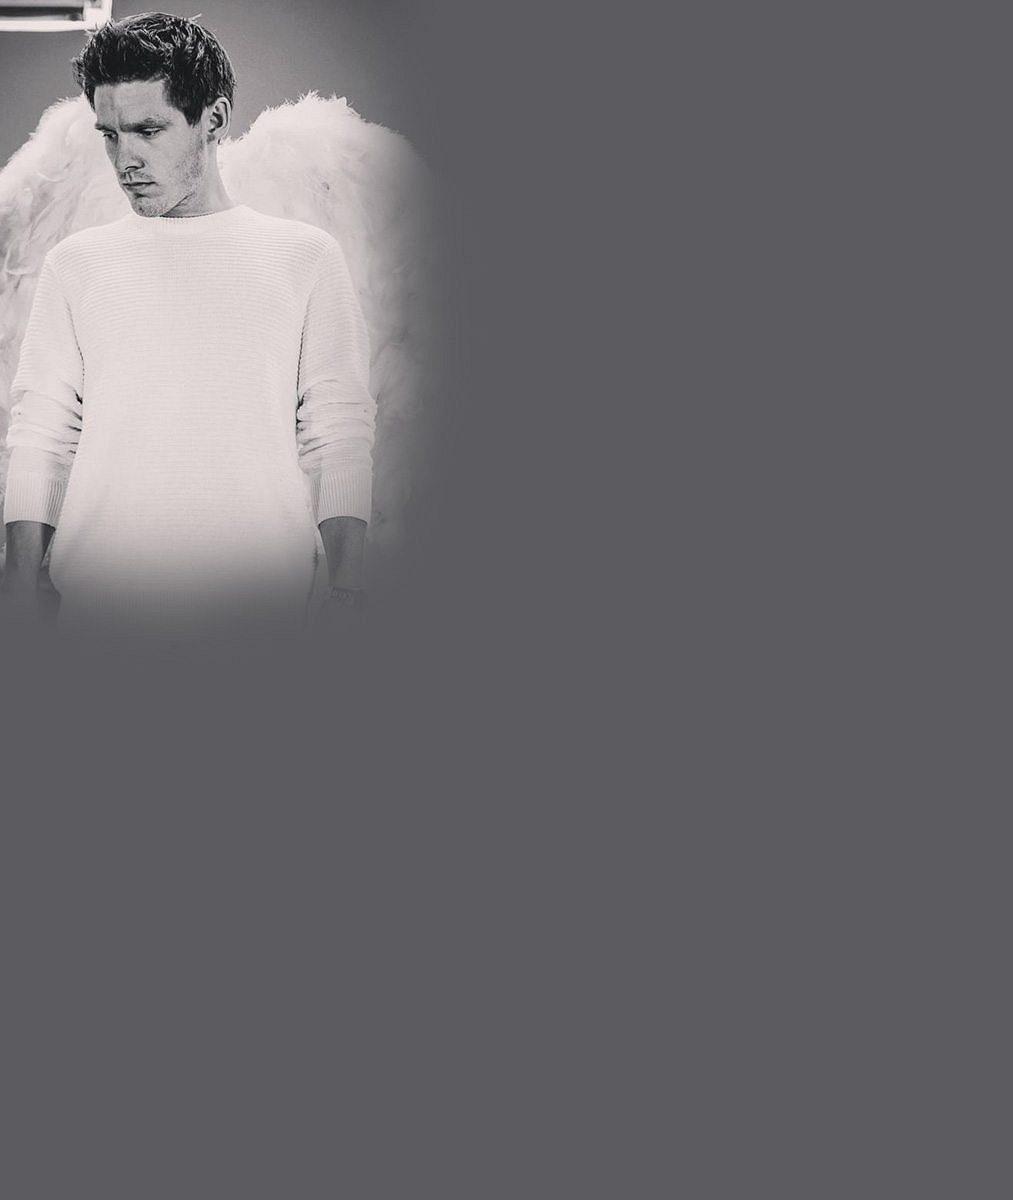 Zamilovaně vrkají ivrouškách: Pavel Callta ajeho krásná brunetka rozněžnili fanoušky